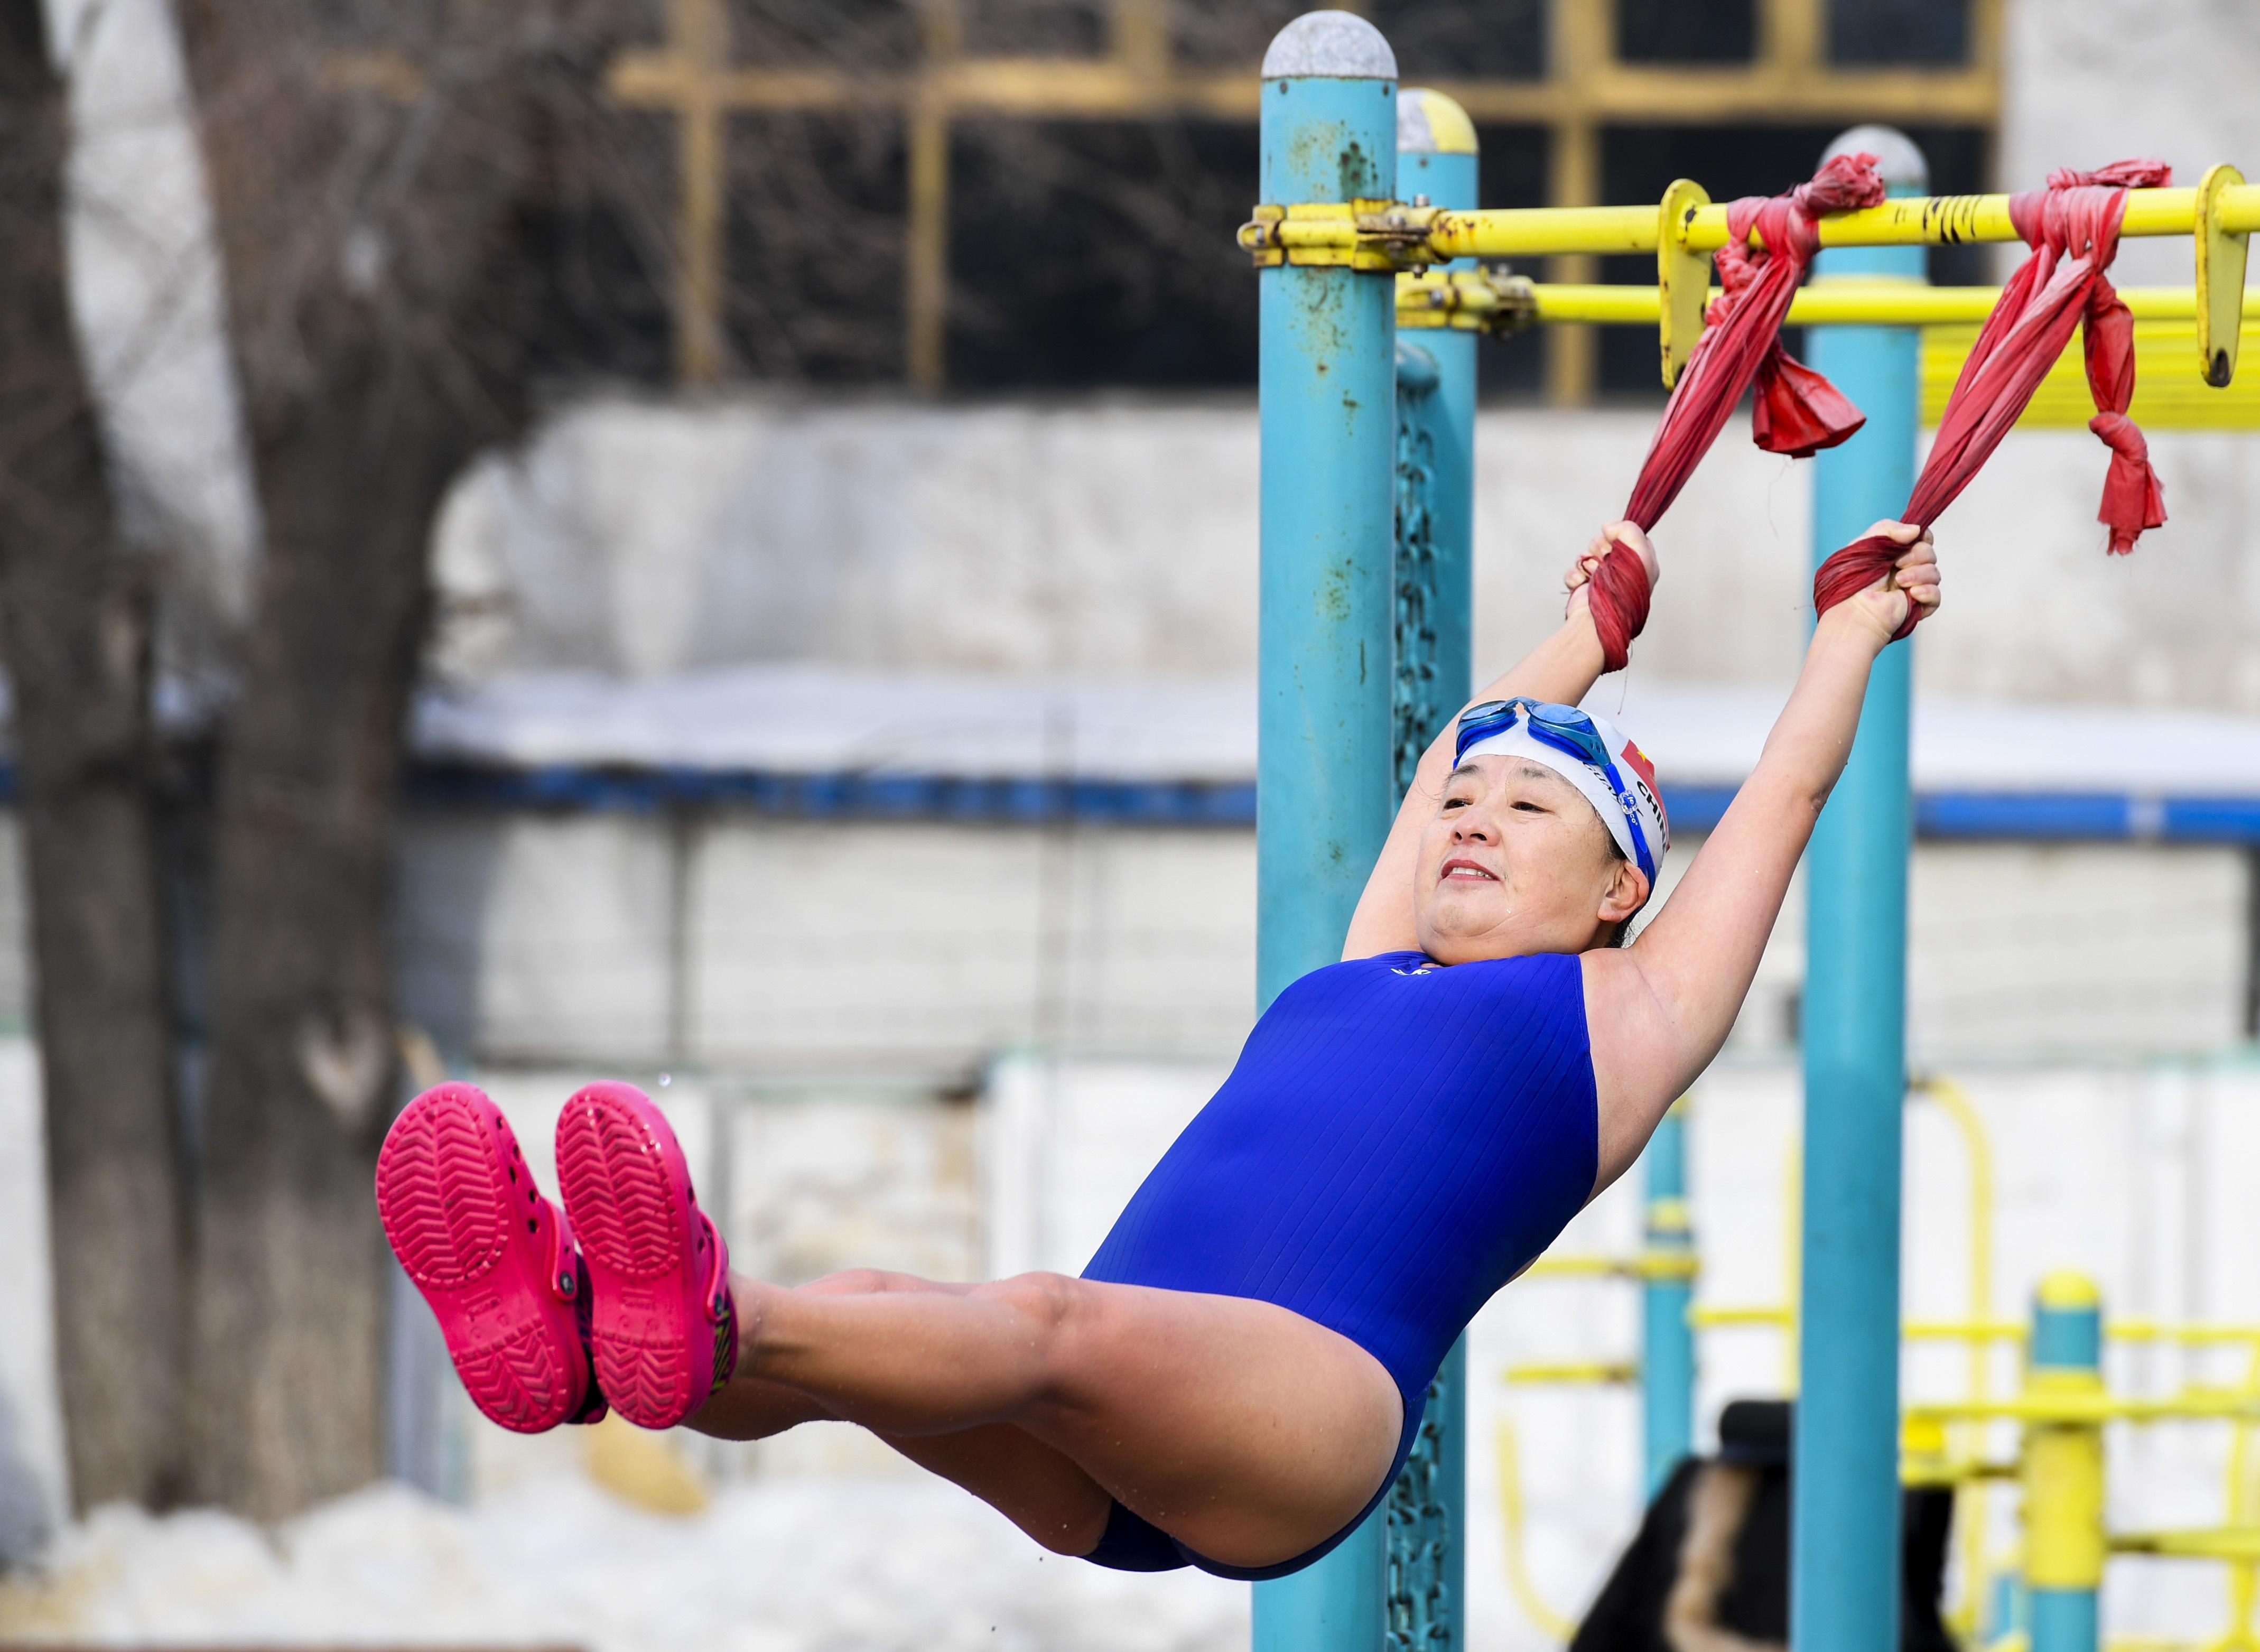 1月12日,一名冬泳爱好者在乌鲁木齐市红山冬泳俱乐部做热身运动。 新华社记者胡虎虎摄